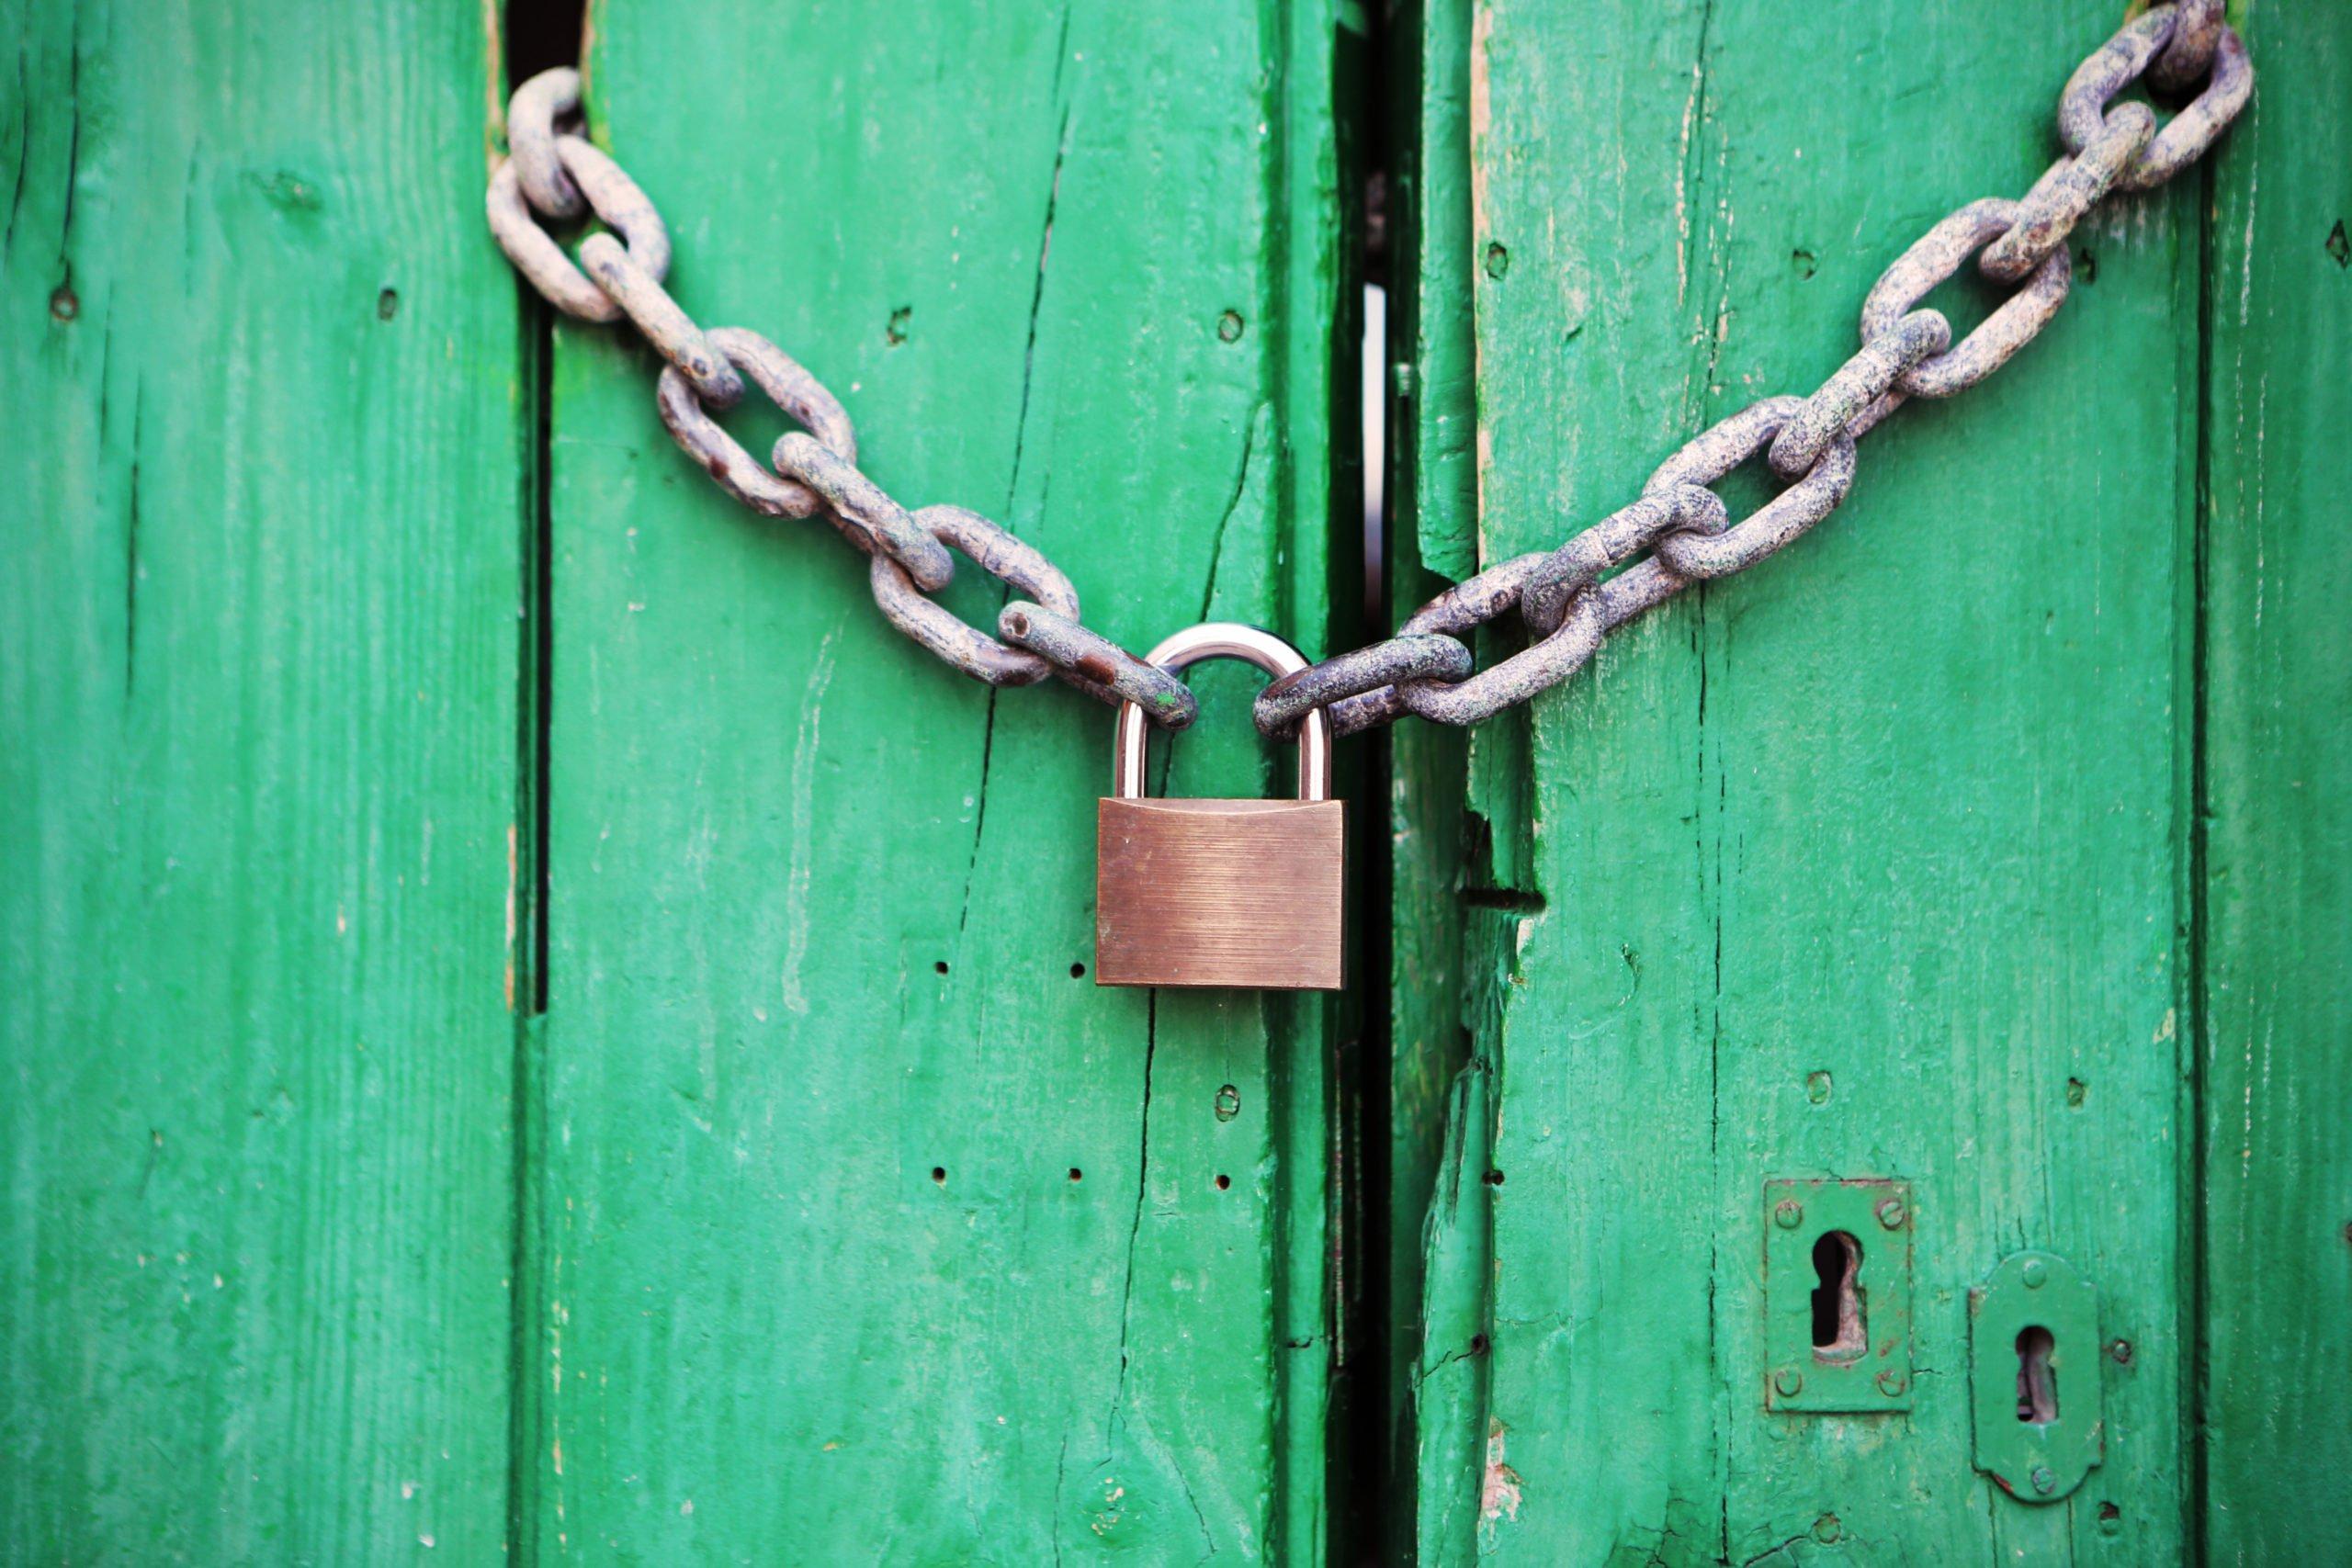 green door with locked chain